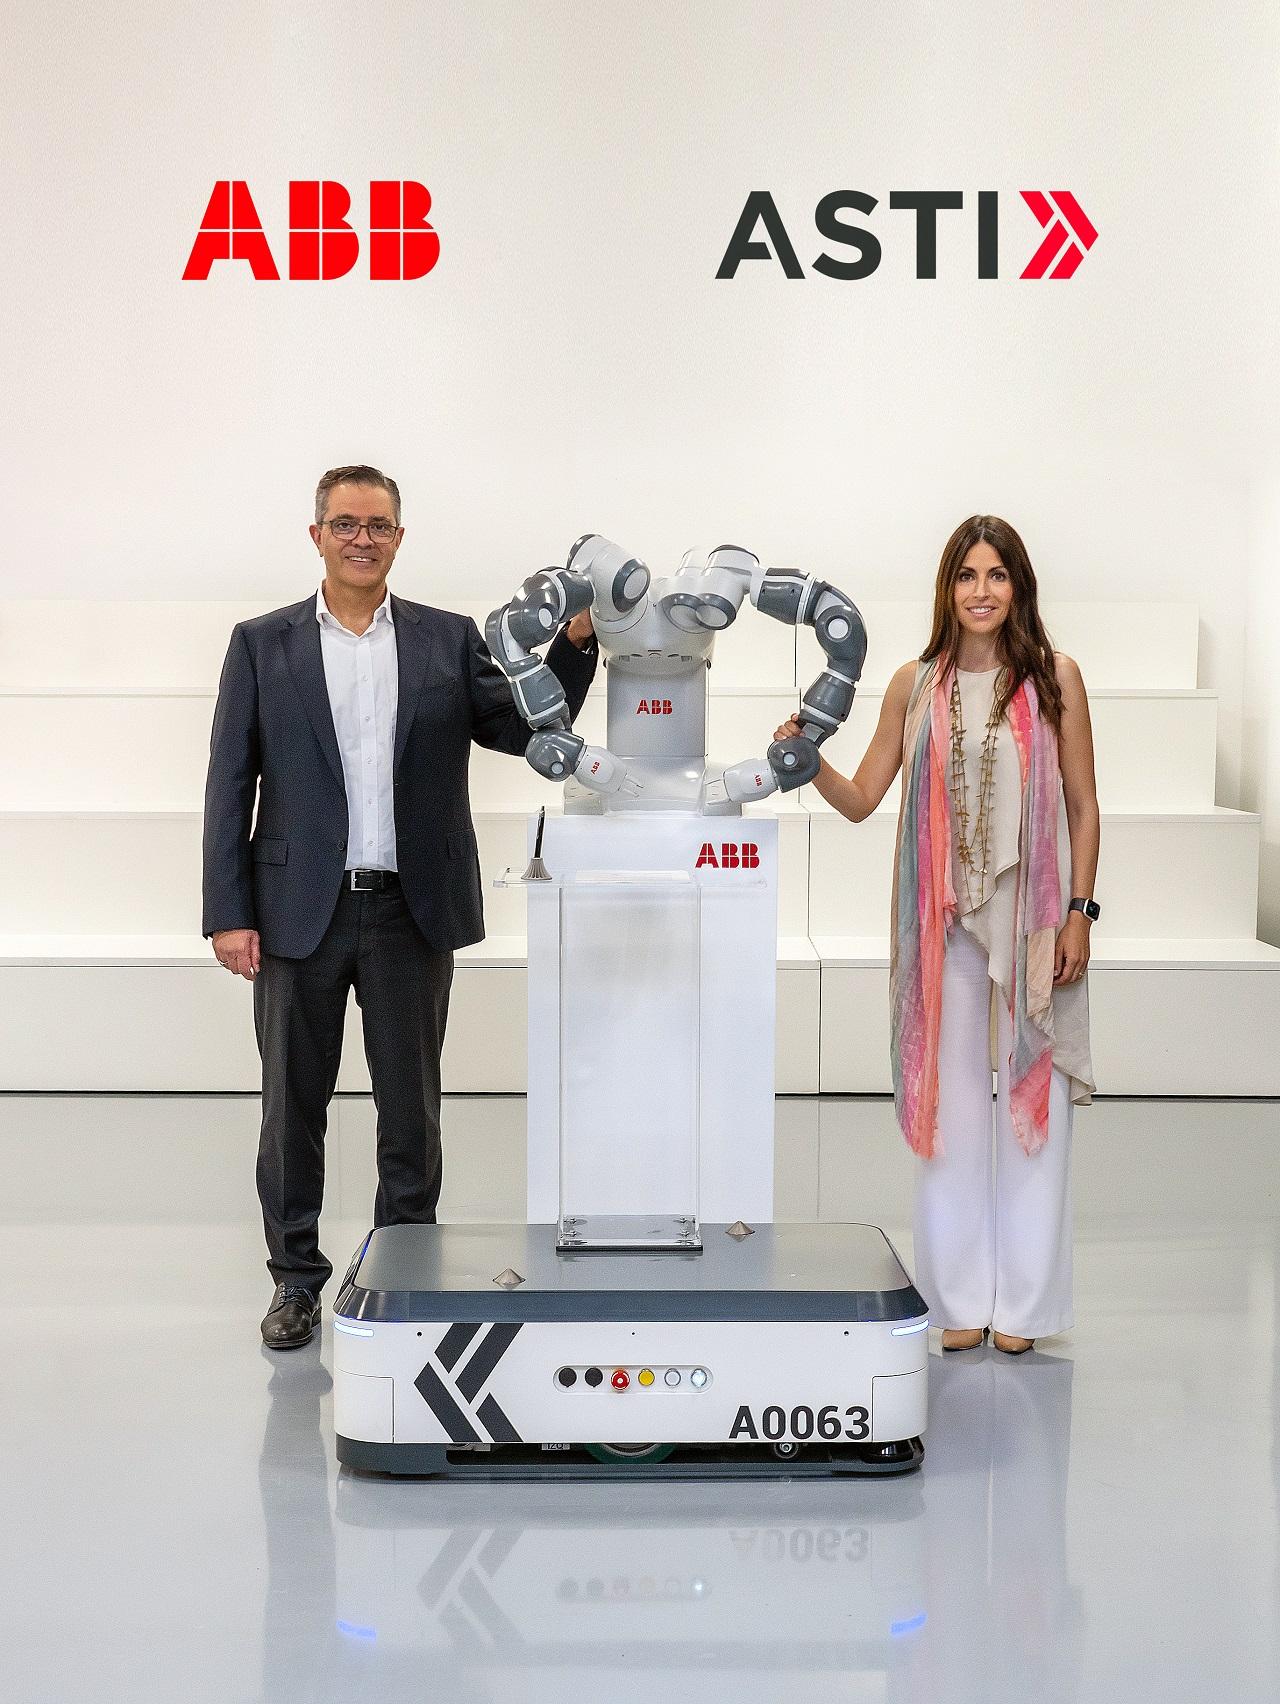 Sami Atiya, Presidente della business area di ABB Robotics & Discrete Automation e Veronica Pascual Boé, CEO di ASTI